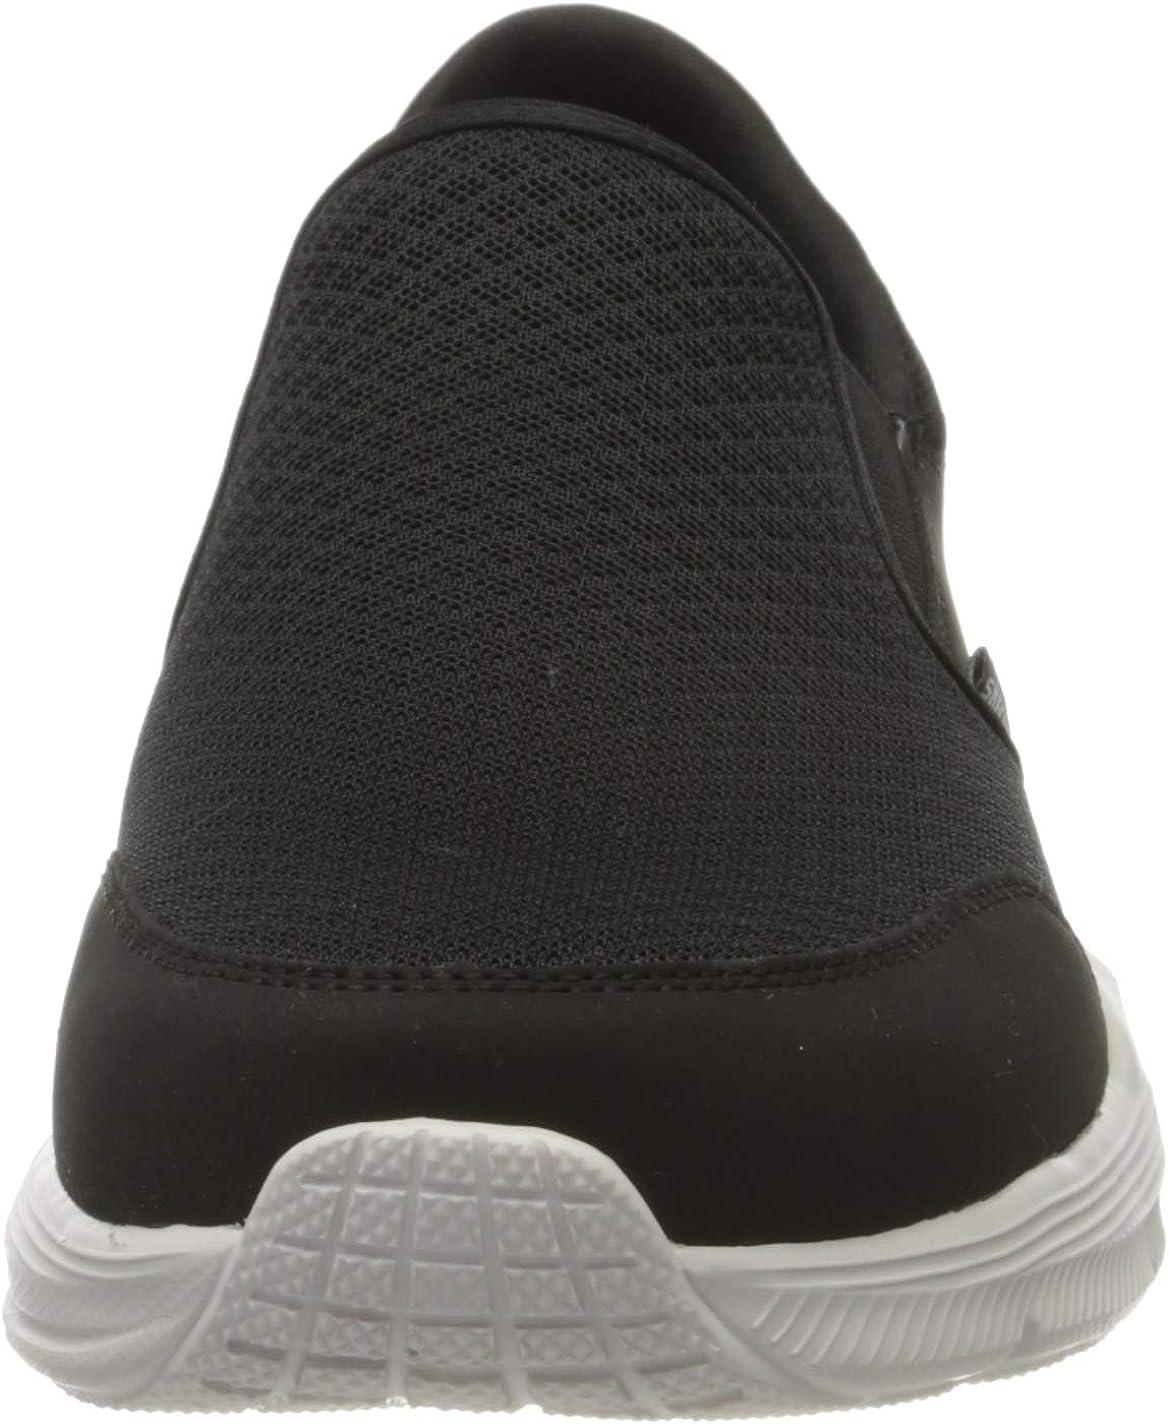 Skechers Herren Equalizer 4.0 Sneaker, Schwarz Schwarz Schwarz Mesh Pu Weiß Besatz Bkw